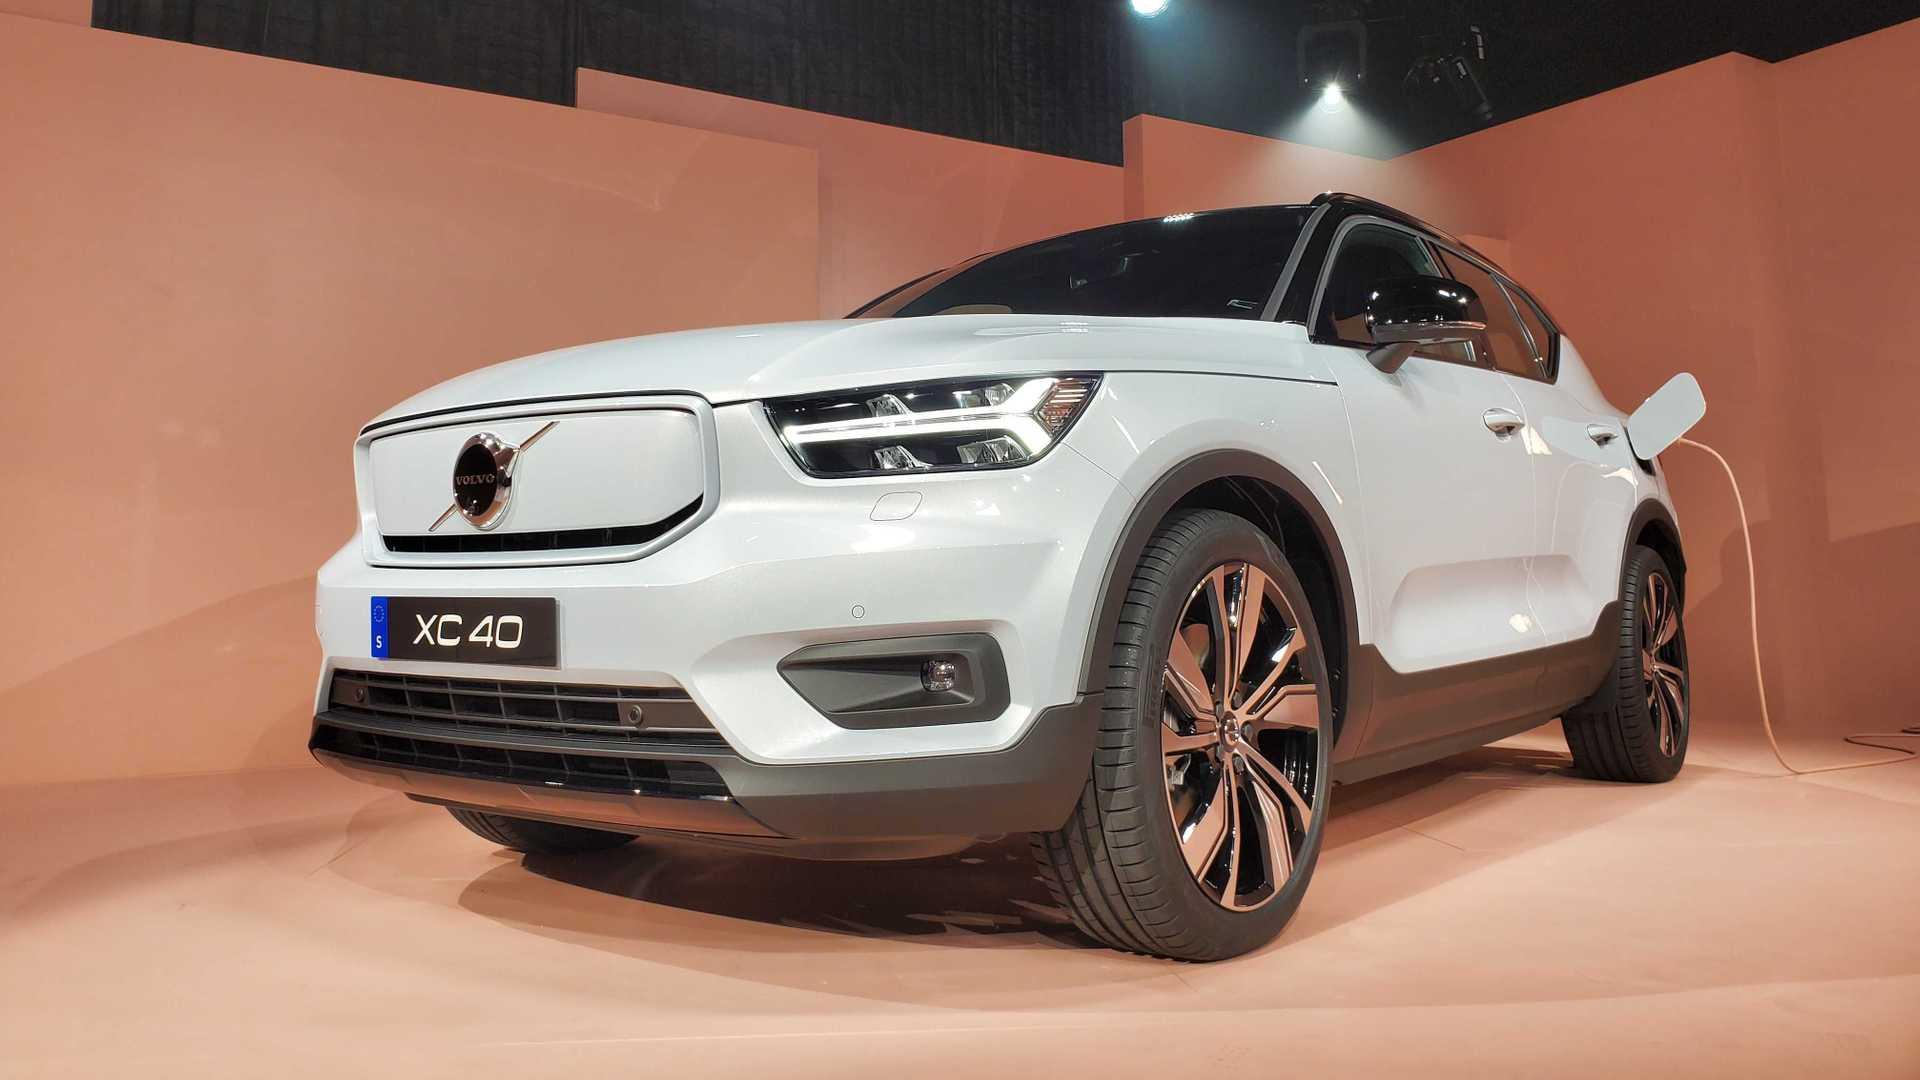 XC40 Volvo ريتشارج الكهربائية 2020 1571476341782.jpg